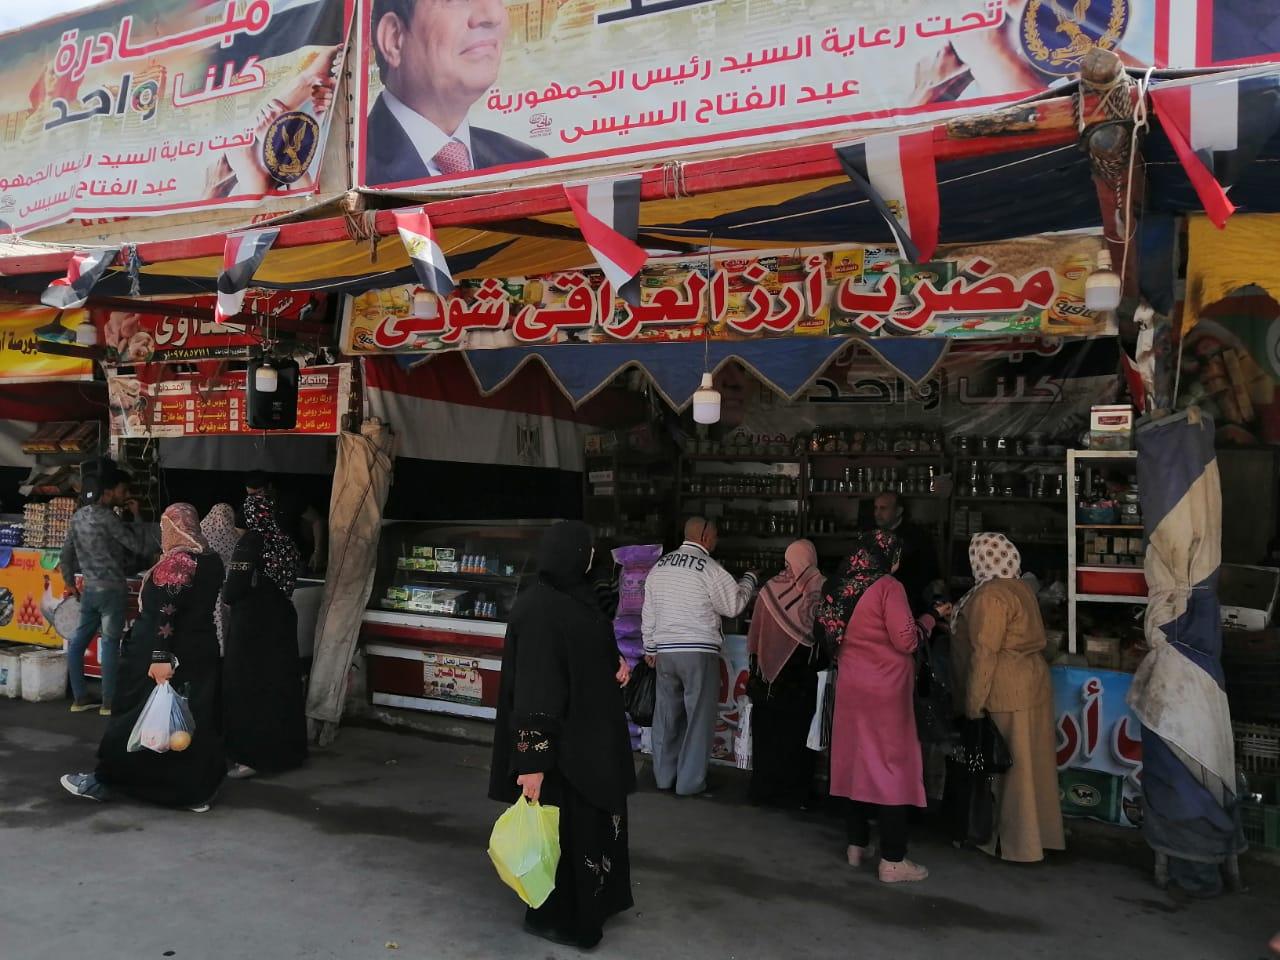 اسواق تحيا مصر للخضر والفاكهة بالغربية (5)